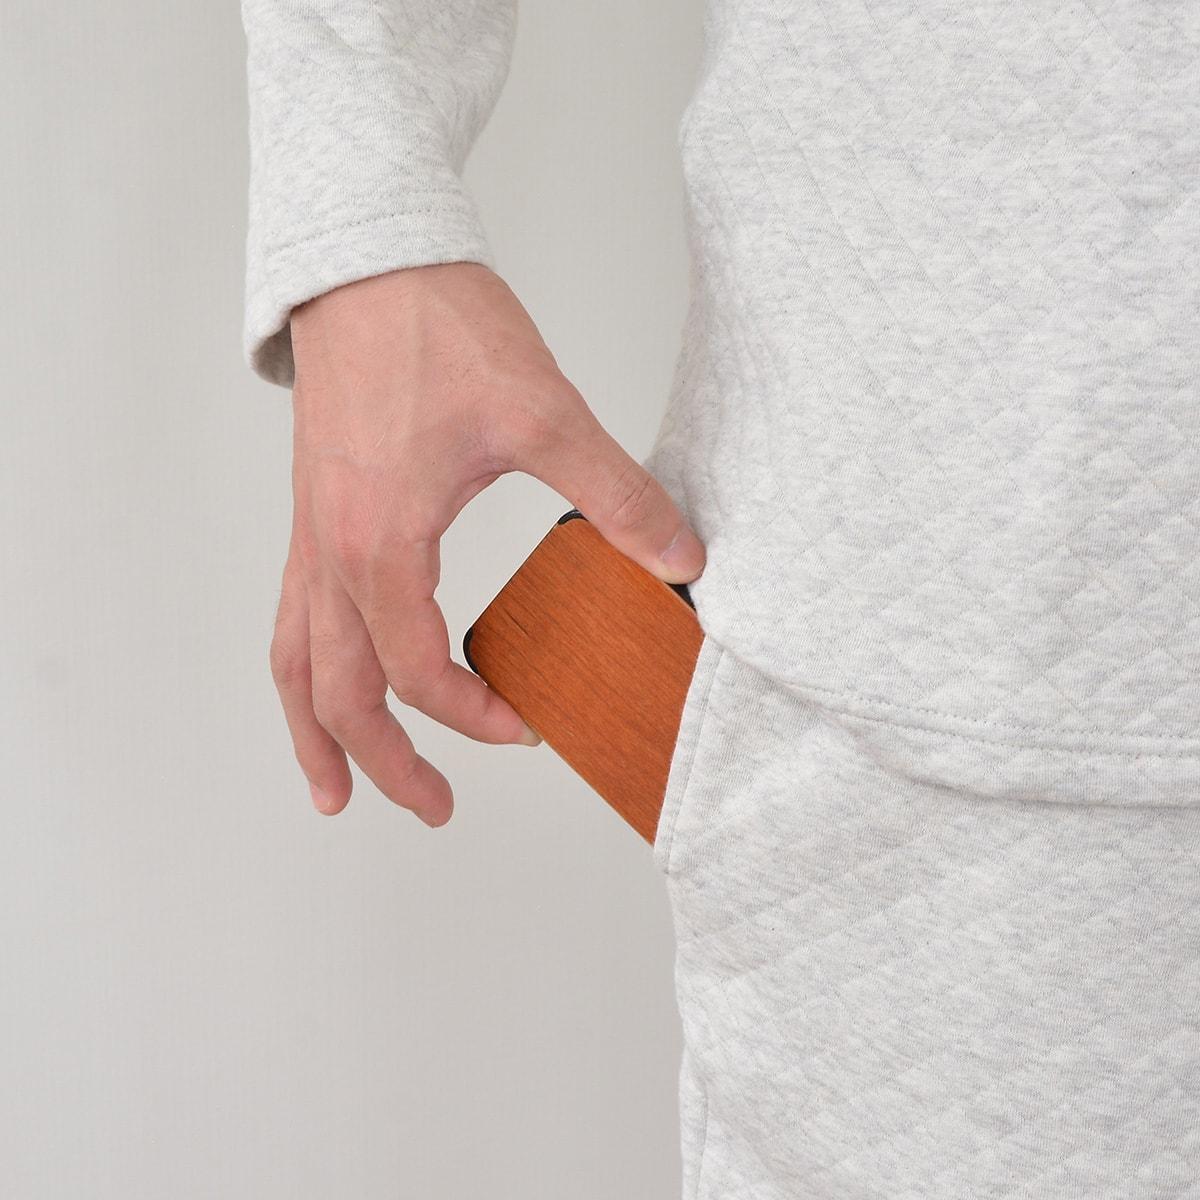 【リリーパレット】 キルトニットパジャマ メンズ | #Lilypalette #パジャマ #ルームウェア #上下セット #メンズ #長袖 #コットン100%